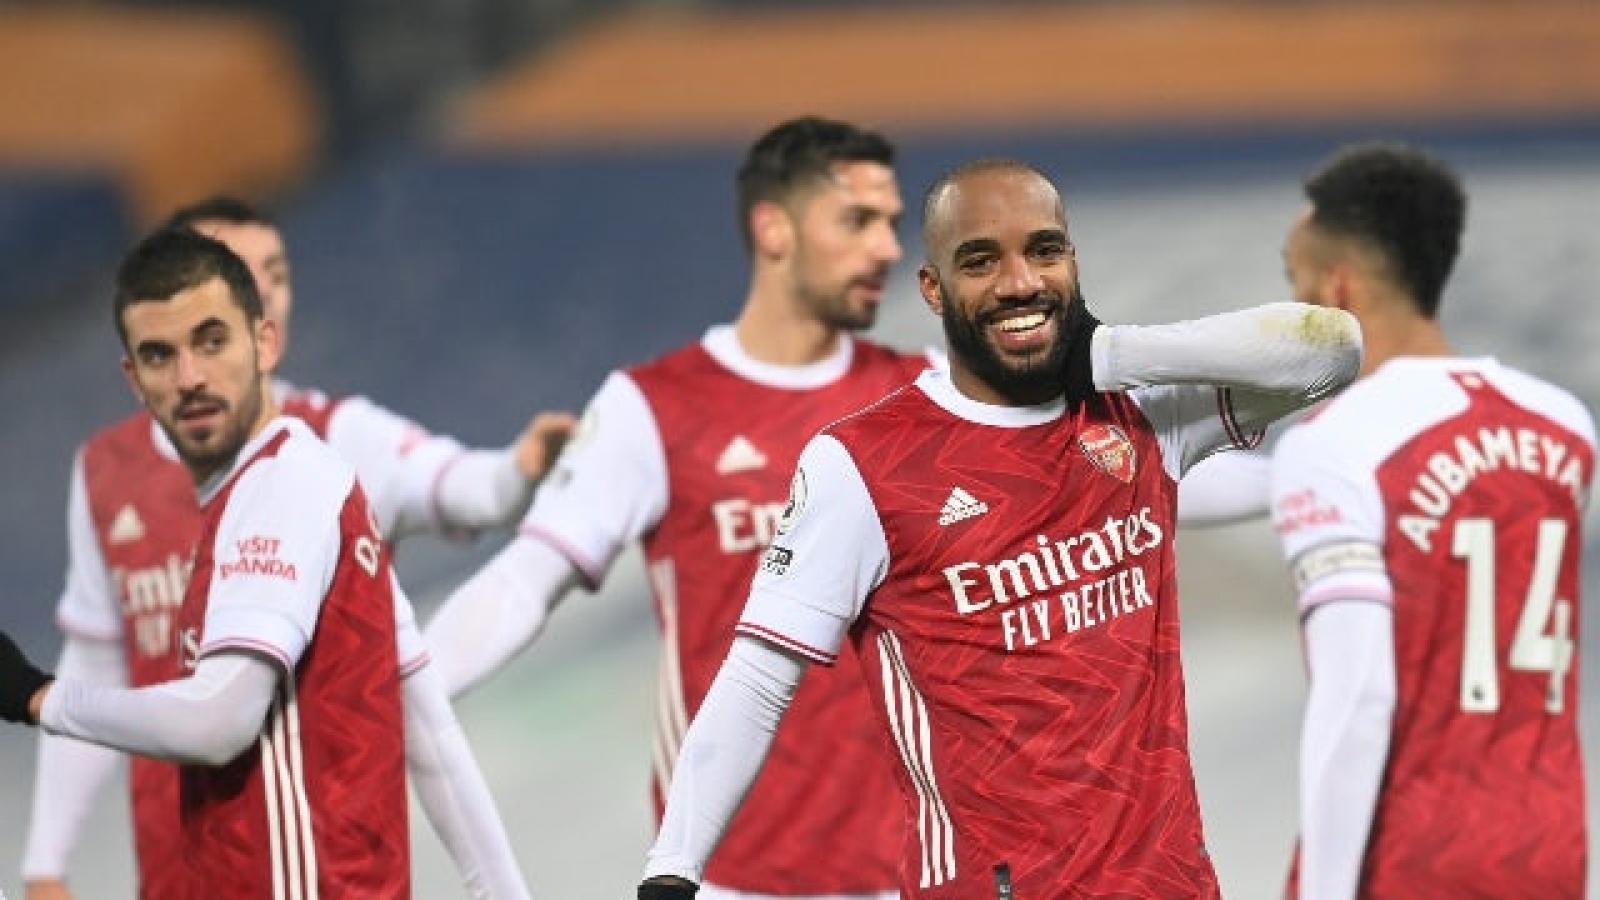 Arsenal sẵn sàng bán Lacazette ở kỳ chuyển nhượng mùa hè 2021